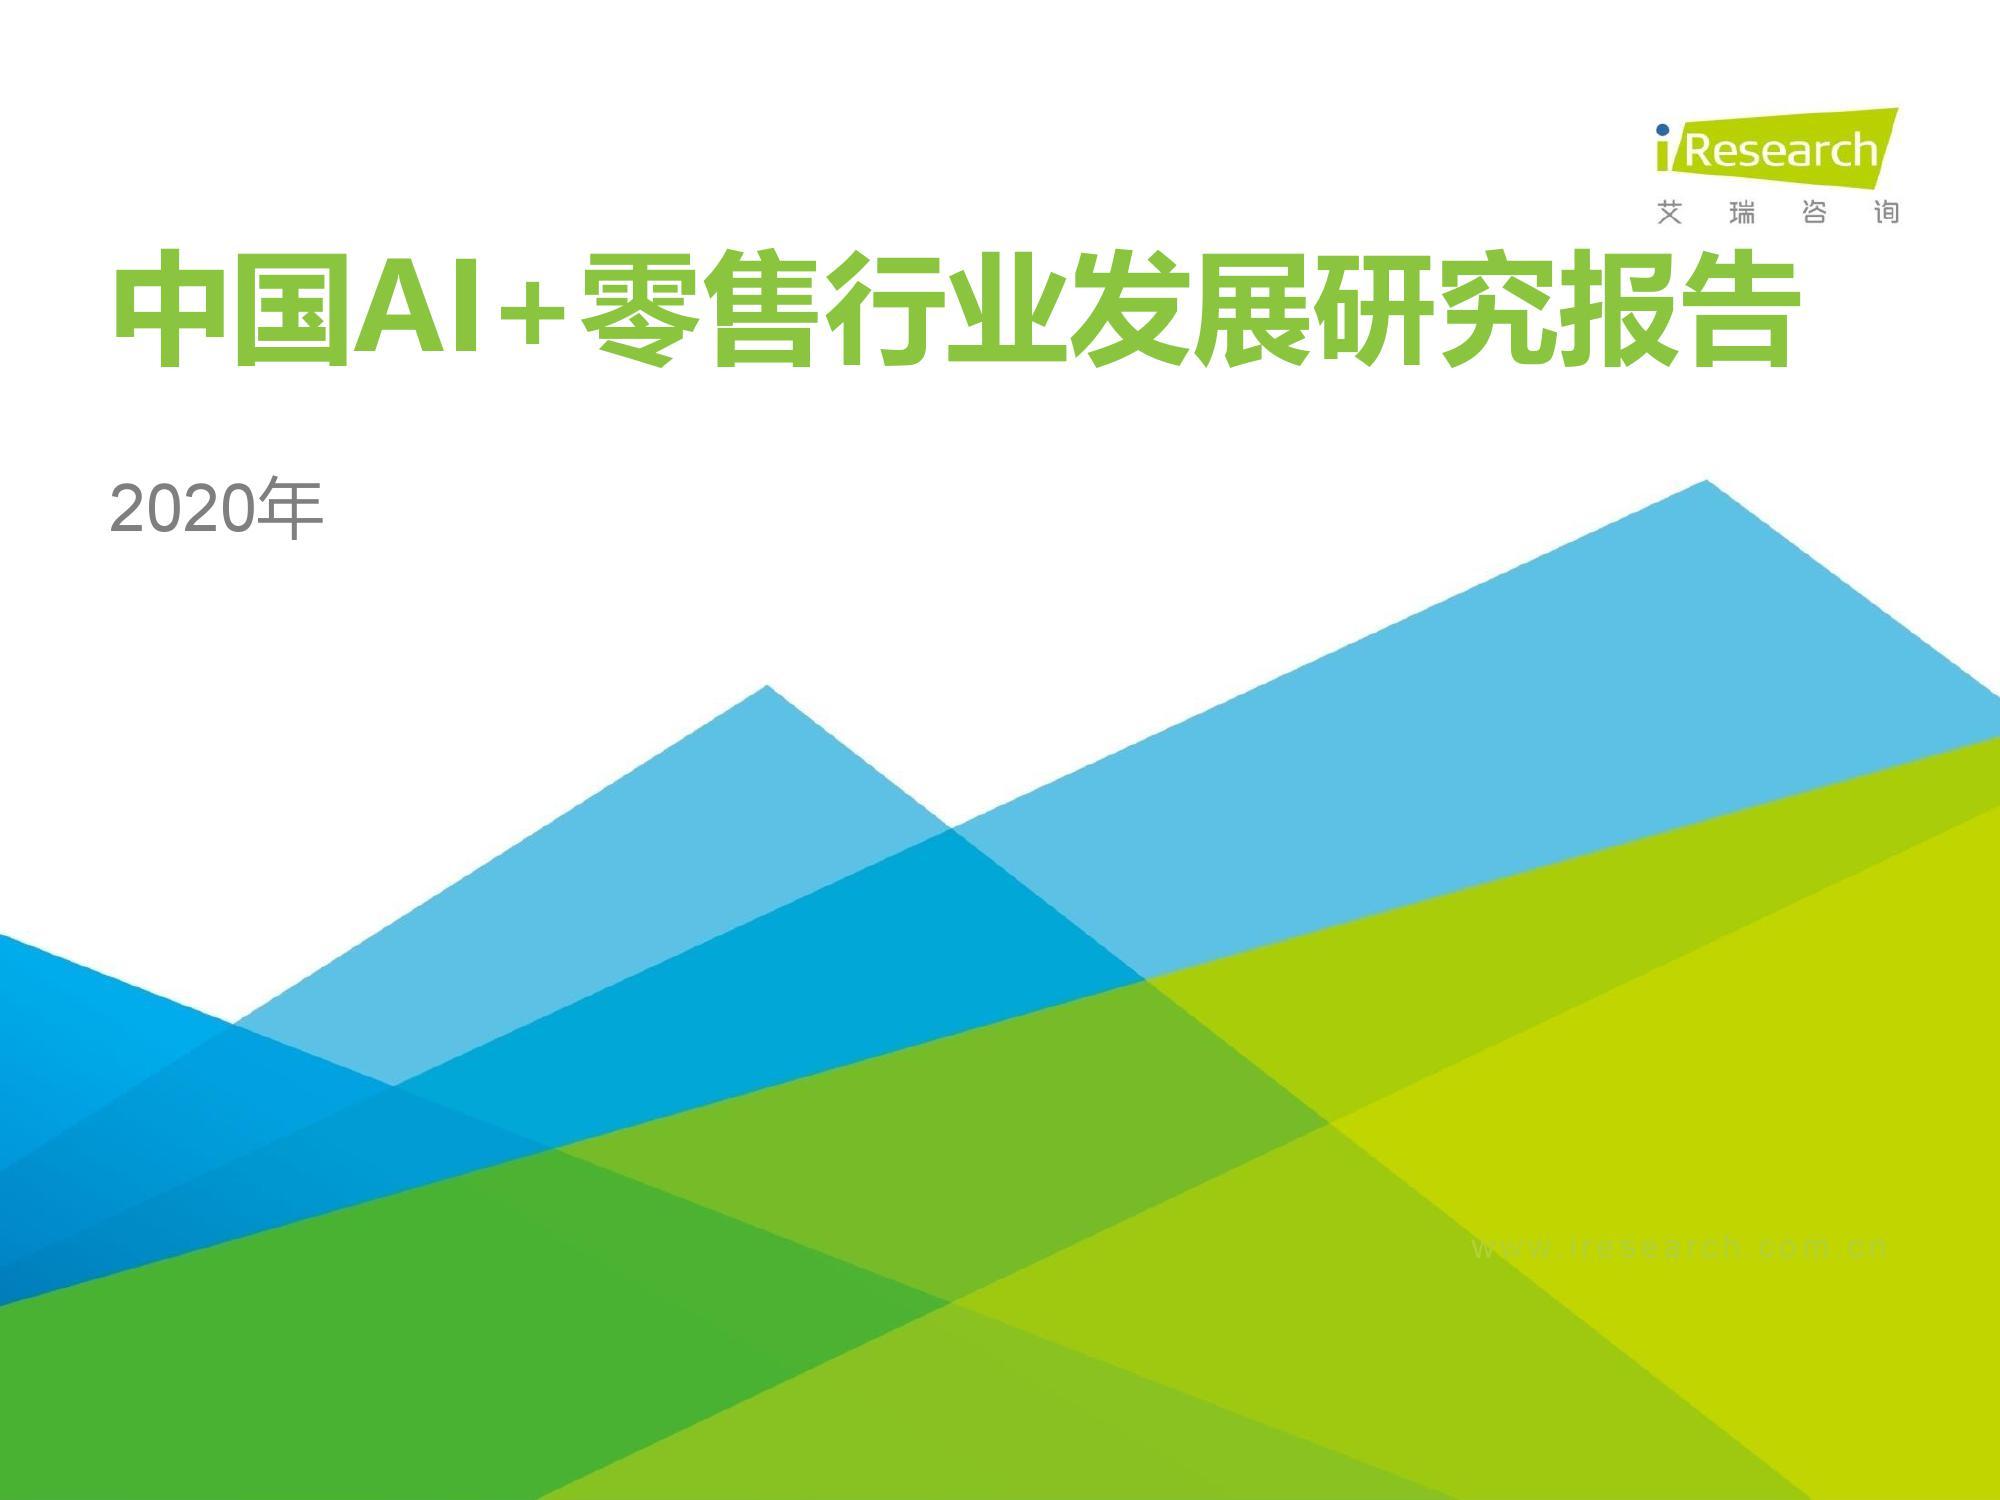 艾瑞咨询:2020年中国AI+零售行业发展研究报告(附下载)